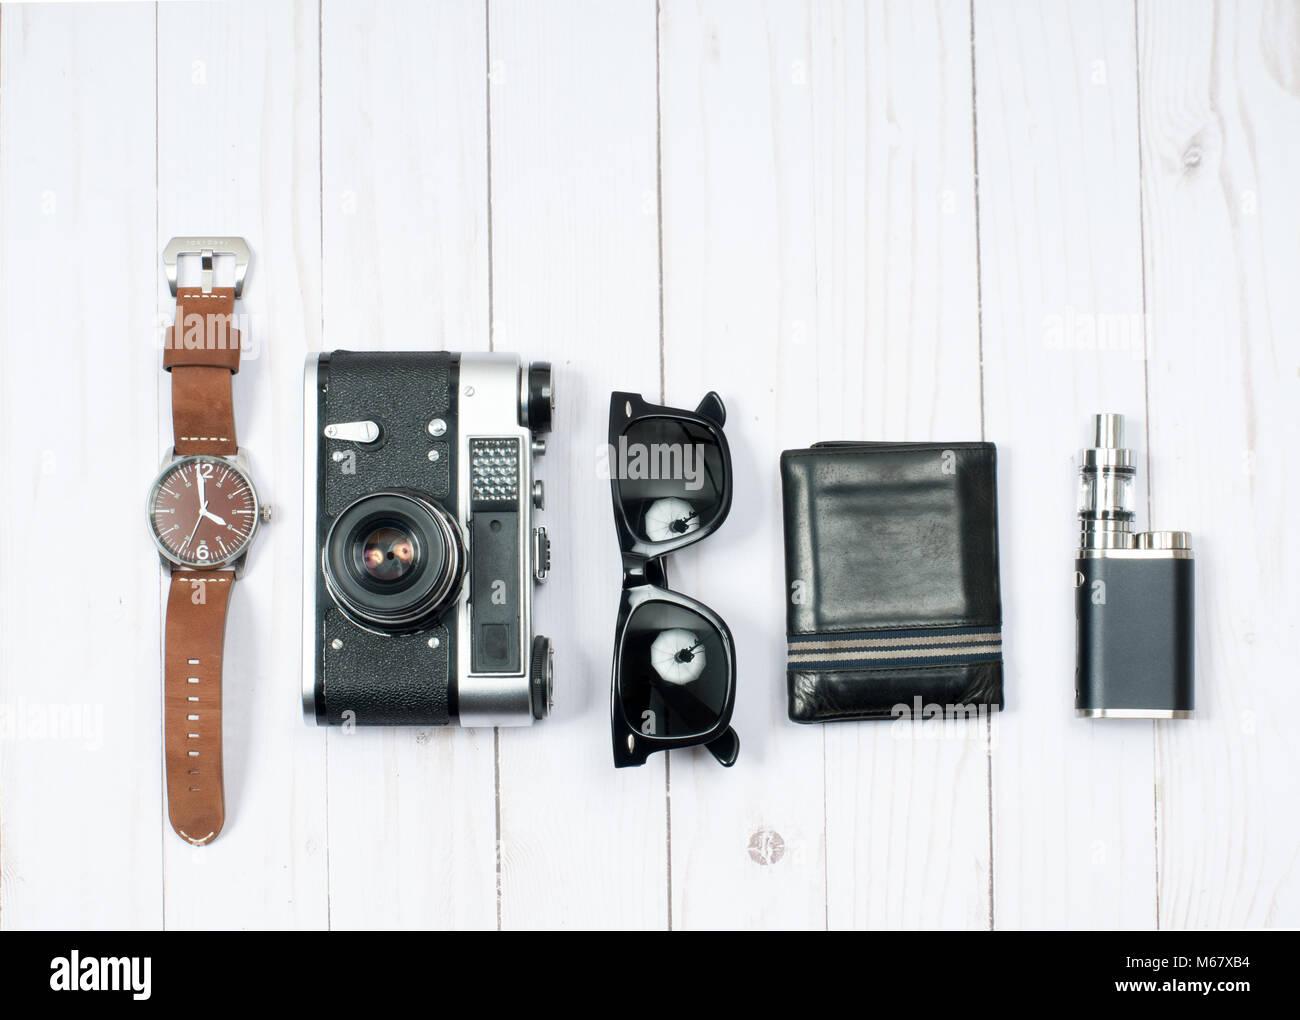 Accessoires pour hommes. Appareil photo, montre, lunettes de soleil sur fond de bois Photo Stock